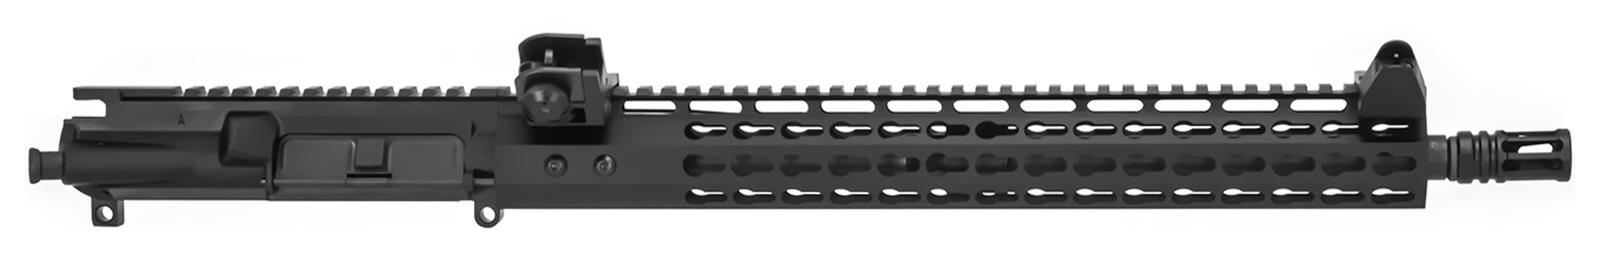 ar-15-upper-assembly-16-5-56-x-45-sight-150-540-15-cbc-keymod-ii-ar-15-handguard-rail-1